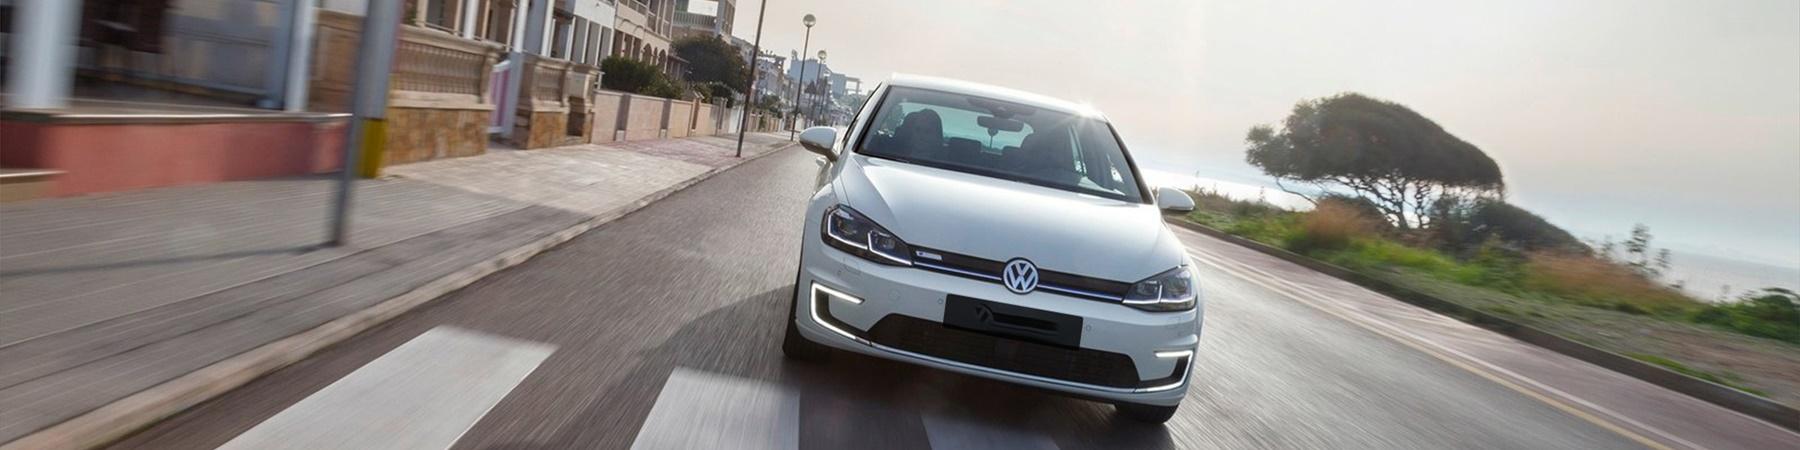 Volkswagen Golf 35.8kWh 196 km actieradius